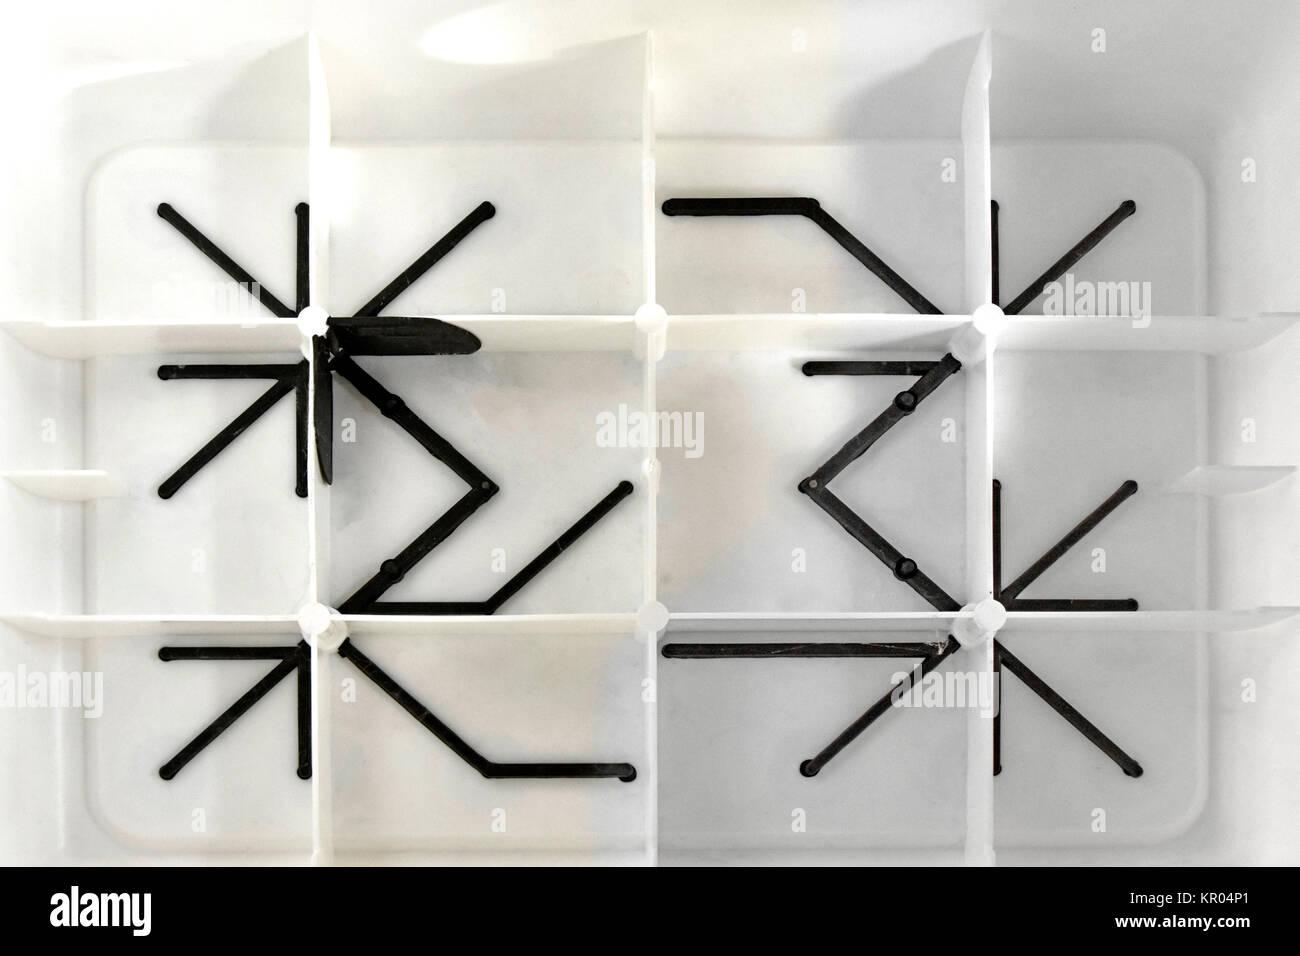 Forme astratte creato da cornici in plastica e puntoni al lato